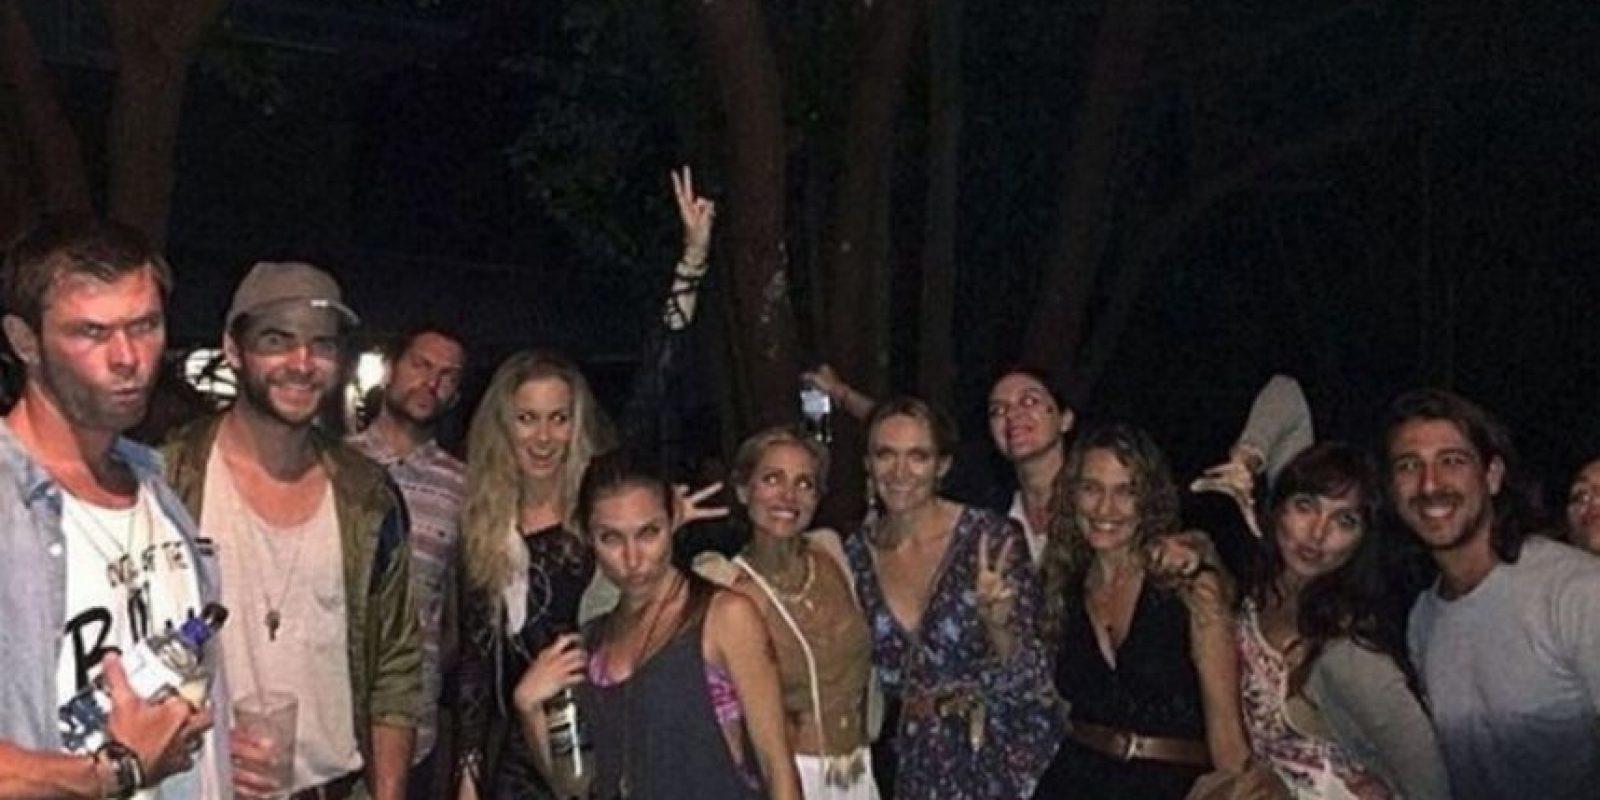 En esta imagen de la familia Hemsworth se puede ver a Chris y Liam en el extremo izquierdo, mientras que Miley apenas y se asoma en el extremo derecho. Foto:Twitter